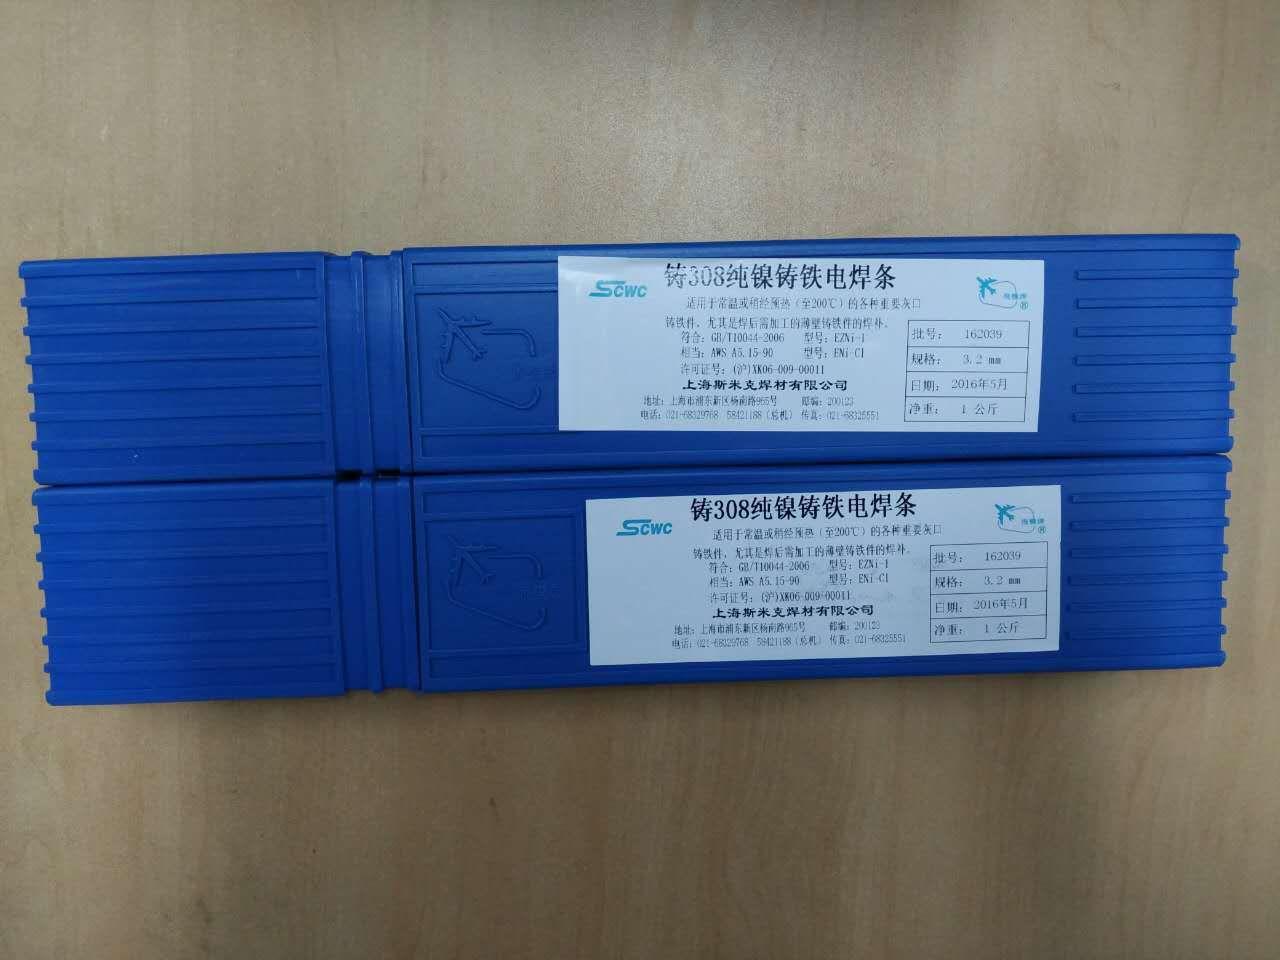 Z408A高强度灰口铸铁EZNiFe-Cu镍铁铜合金球墨铸铁焊条